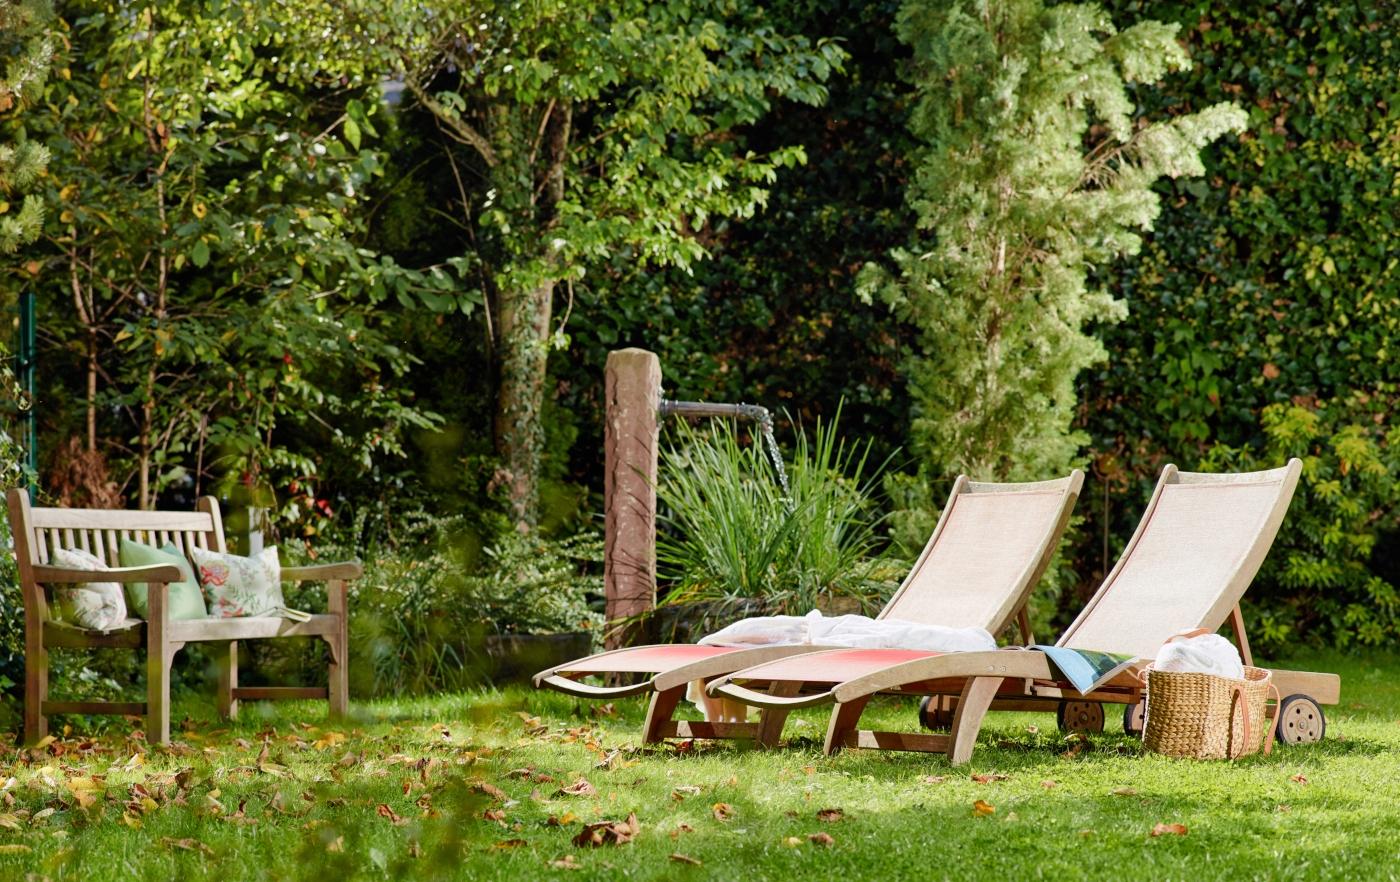 Bömers - Grüner Garten